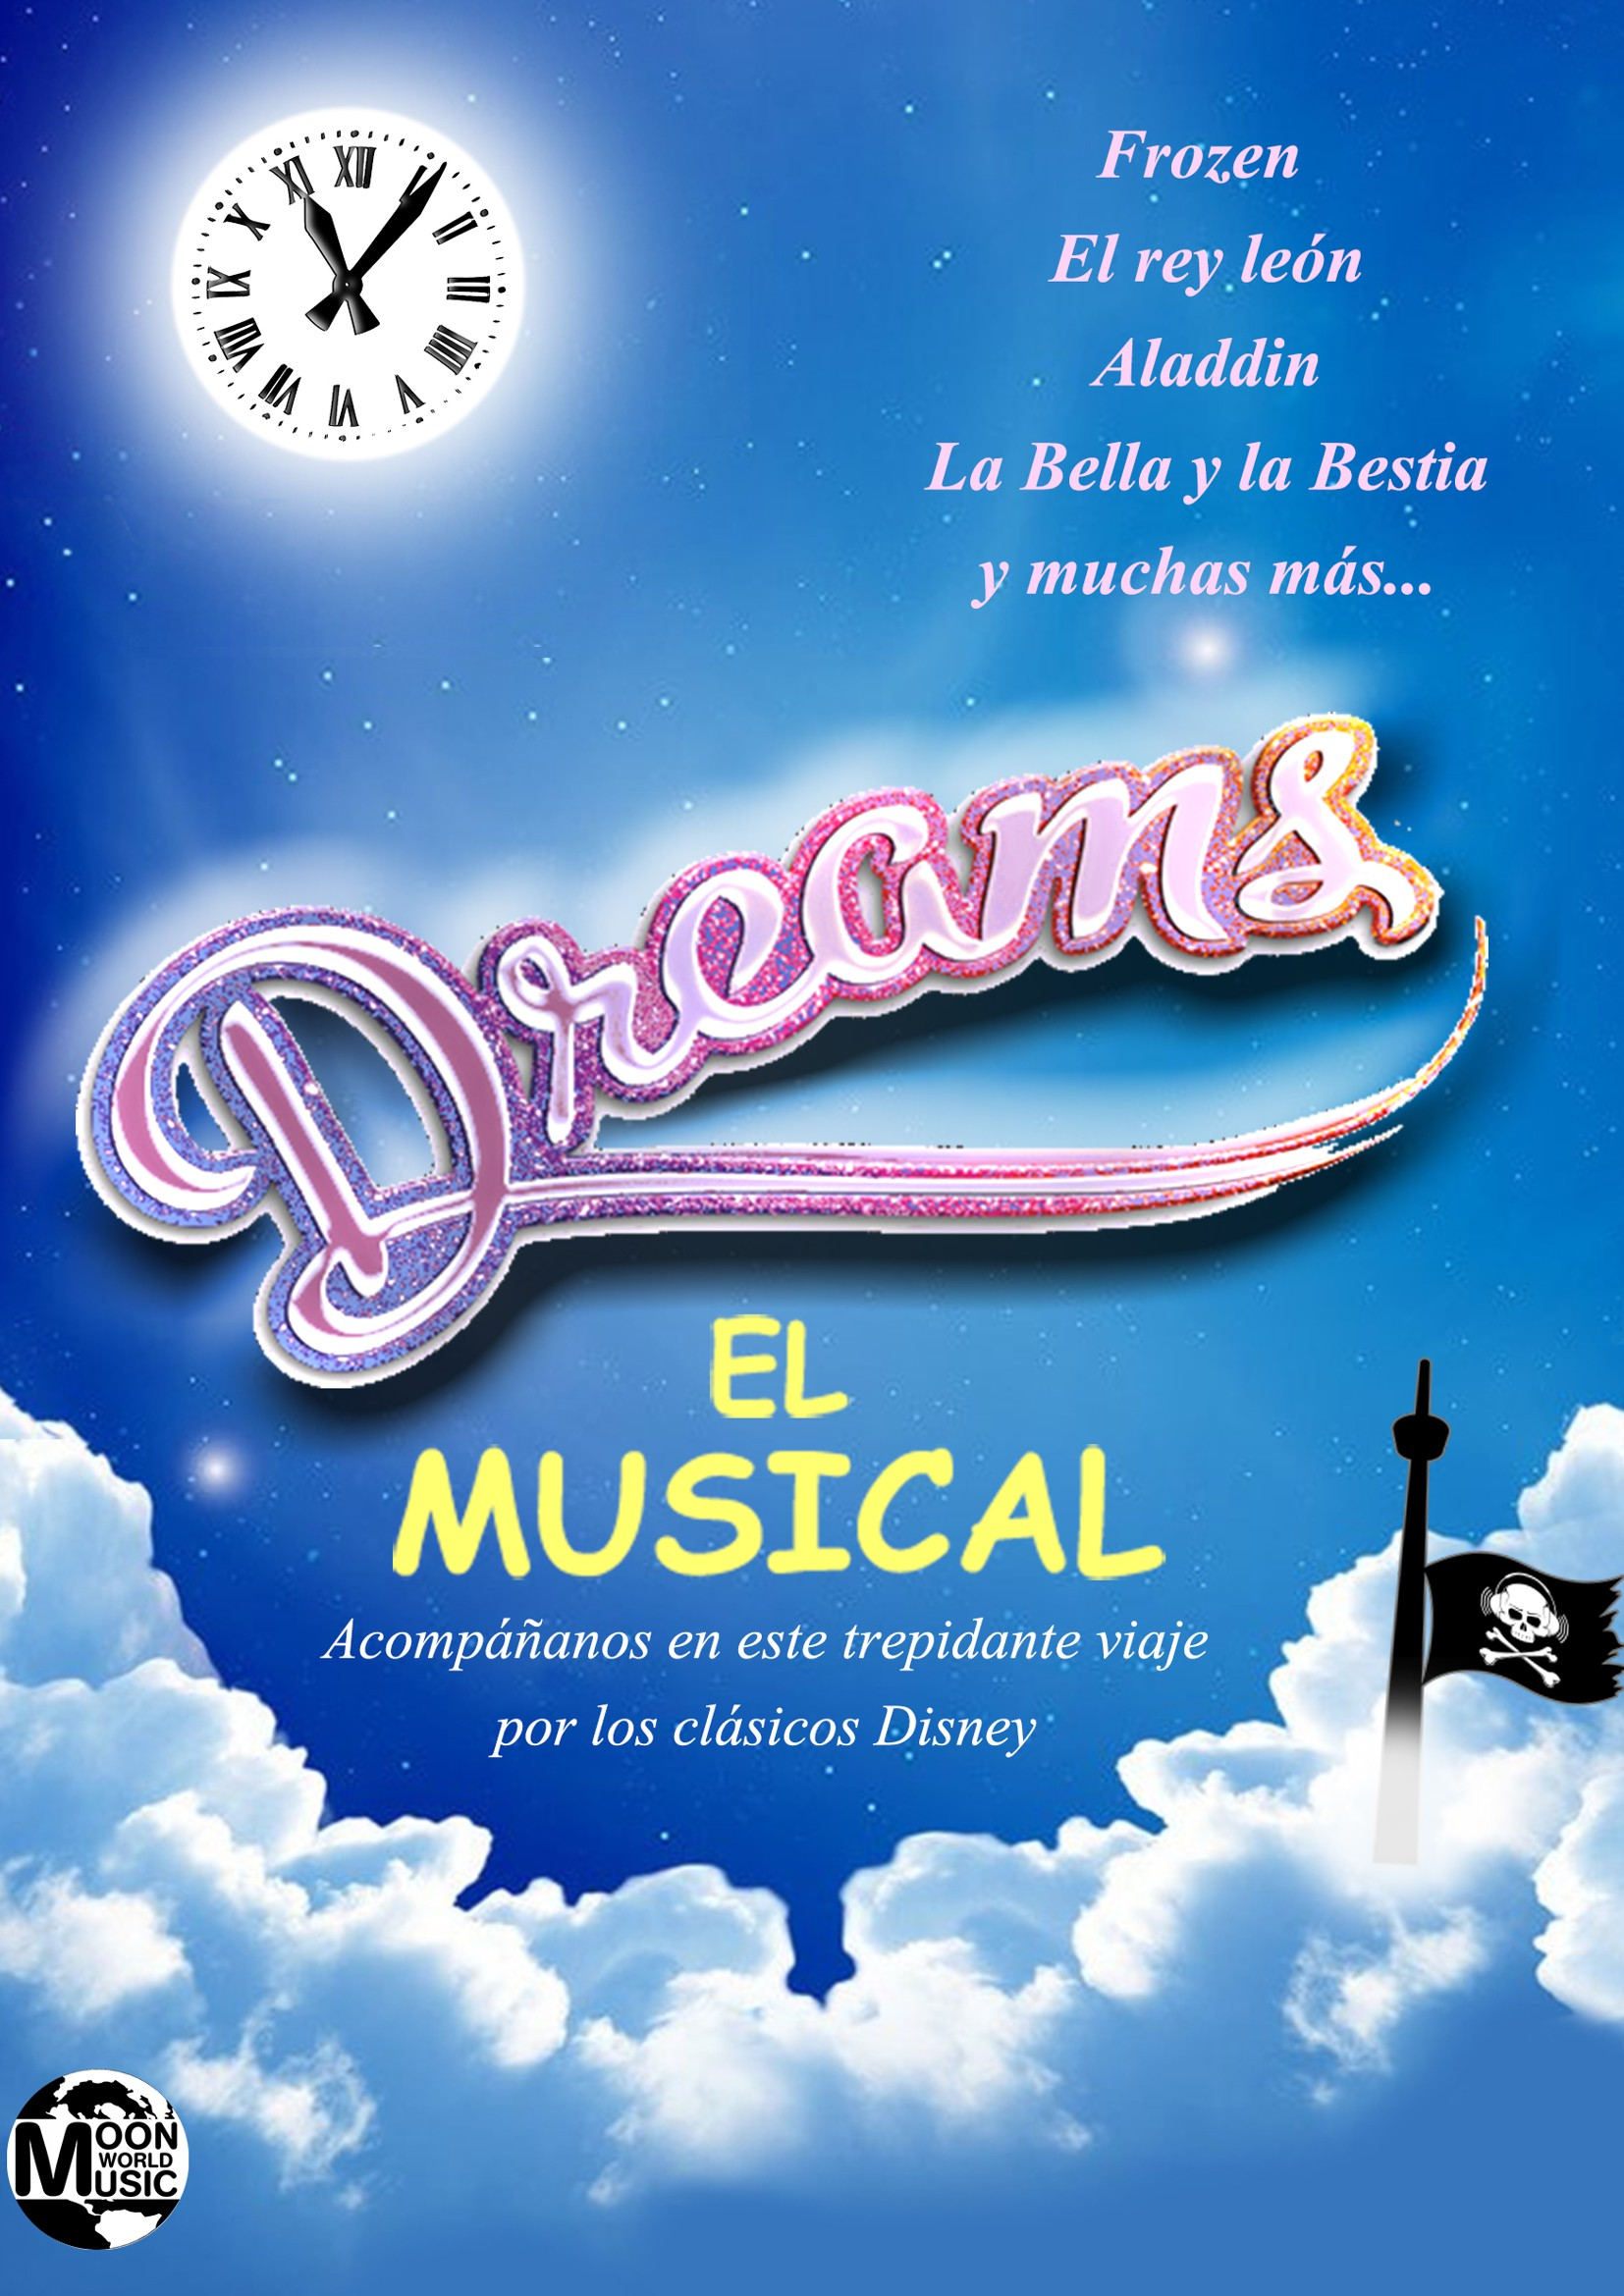 dreams-el-musical